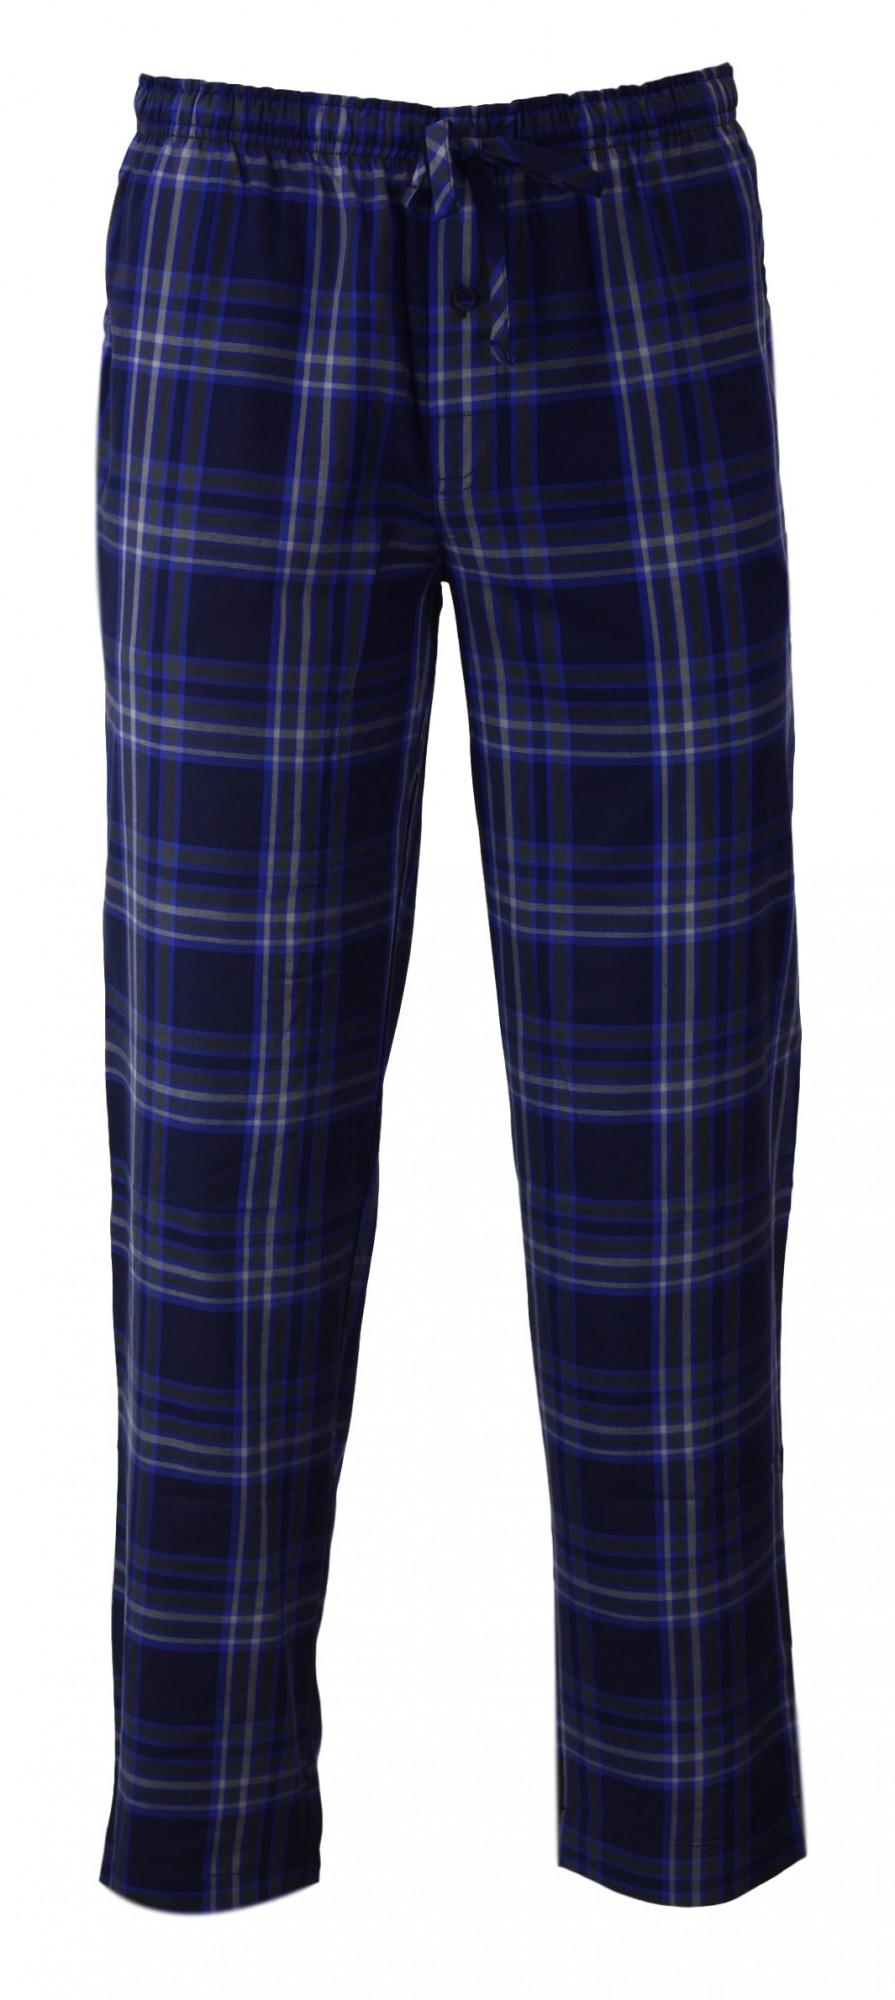 Pánské kalhoty 547514H - Jockey Barva: modro-šedá, Velikost: L